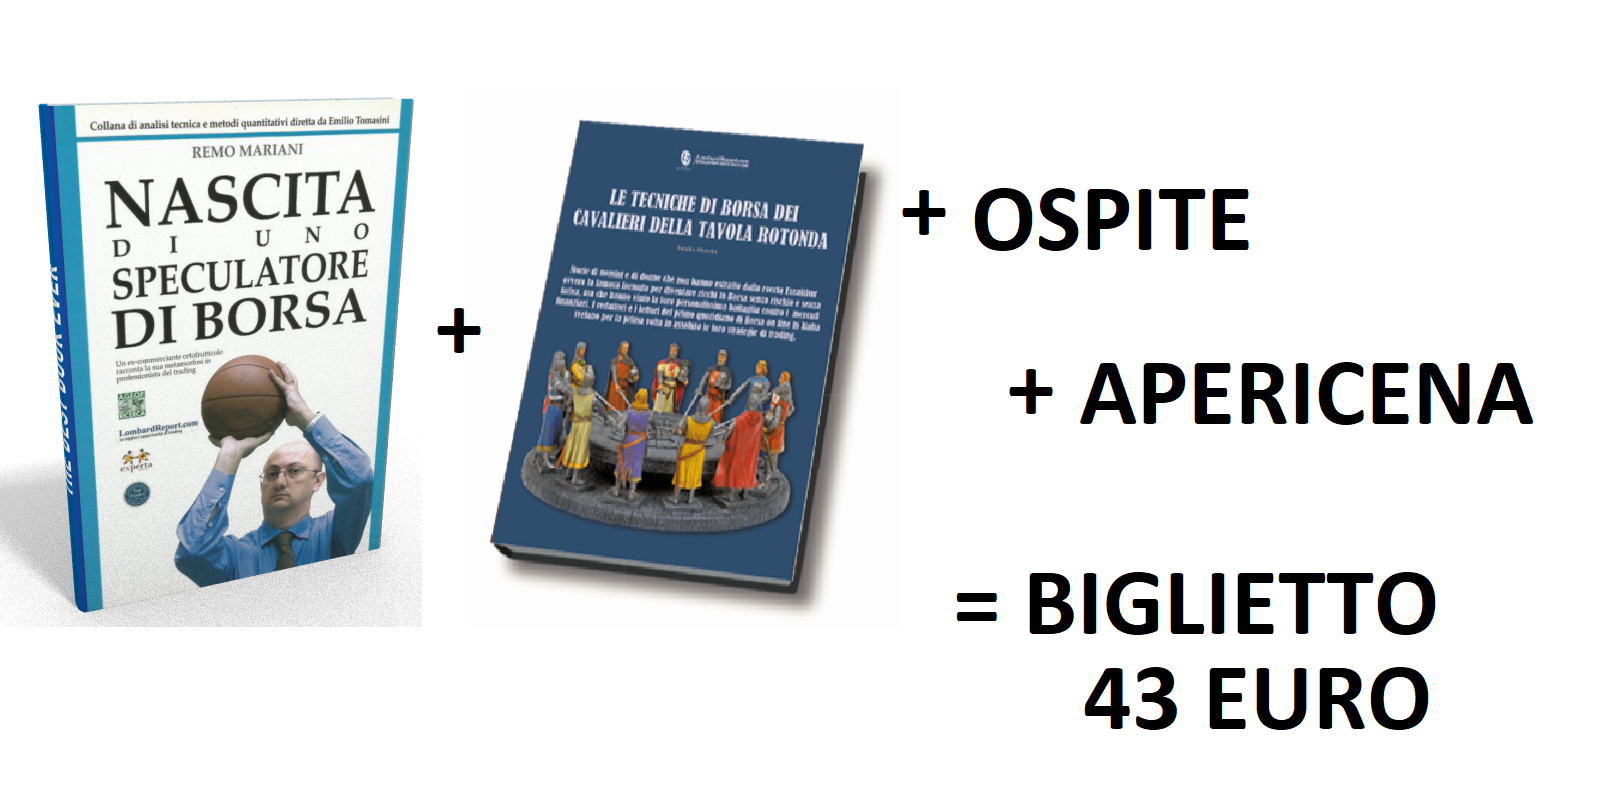 924c2cbcc3 IL BIGLIETTO DI INGRESSO COSTA 43 EURO MA TI REGALIAMO 1) il libro scritto  dai redattori e lettori Lombard sulle loro strategie (50 EURO)